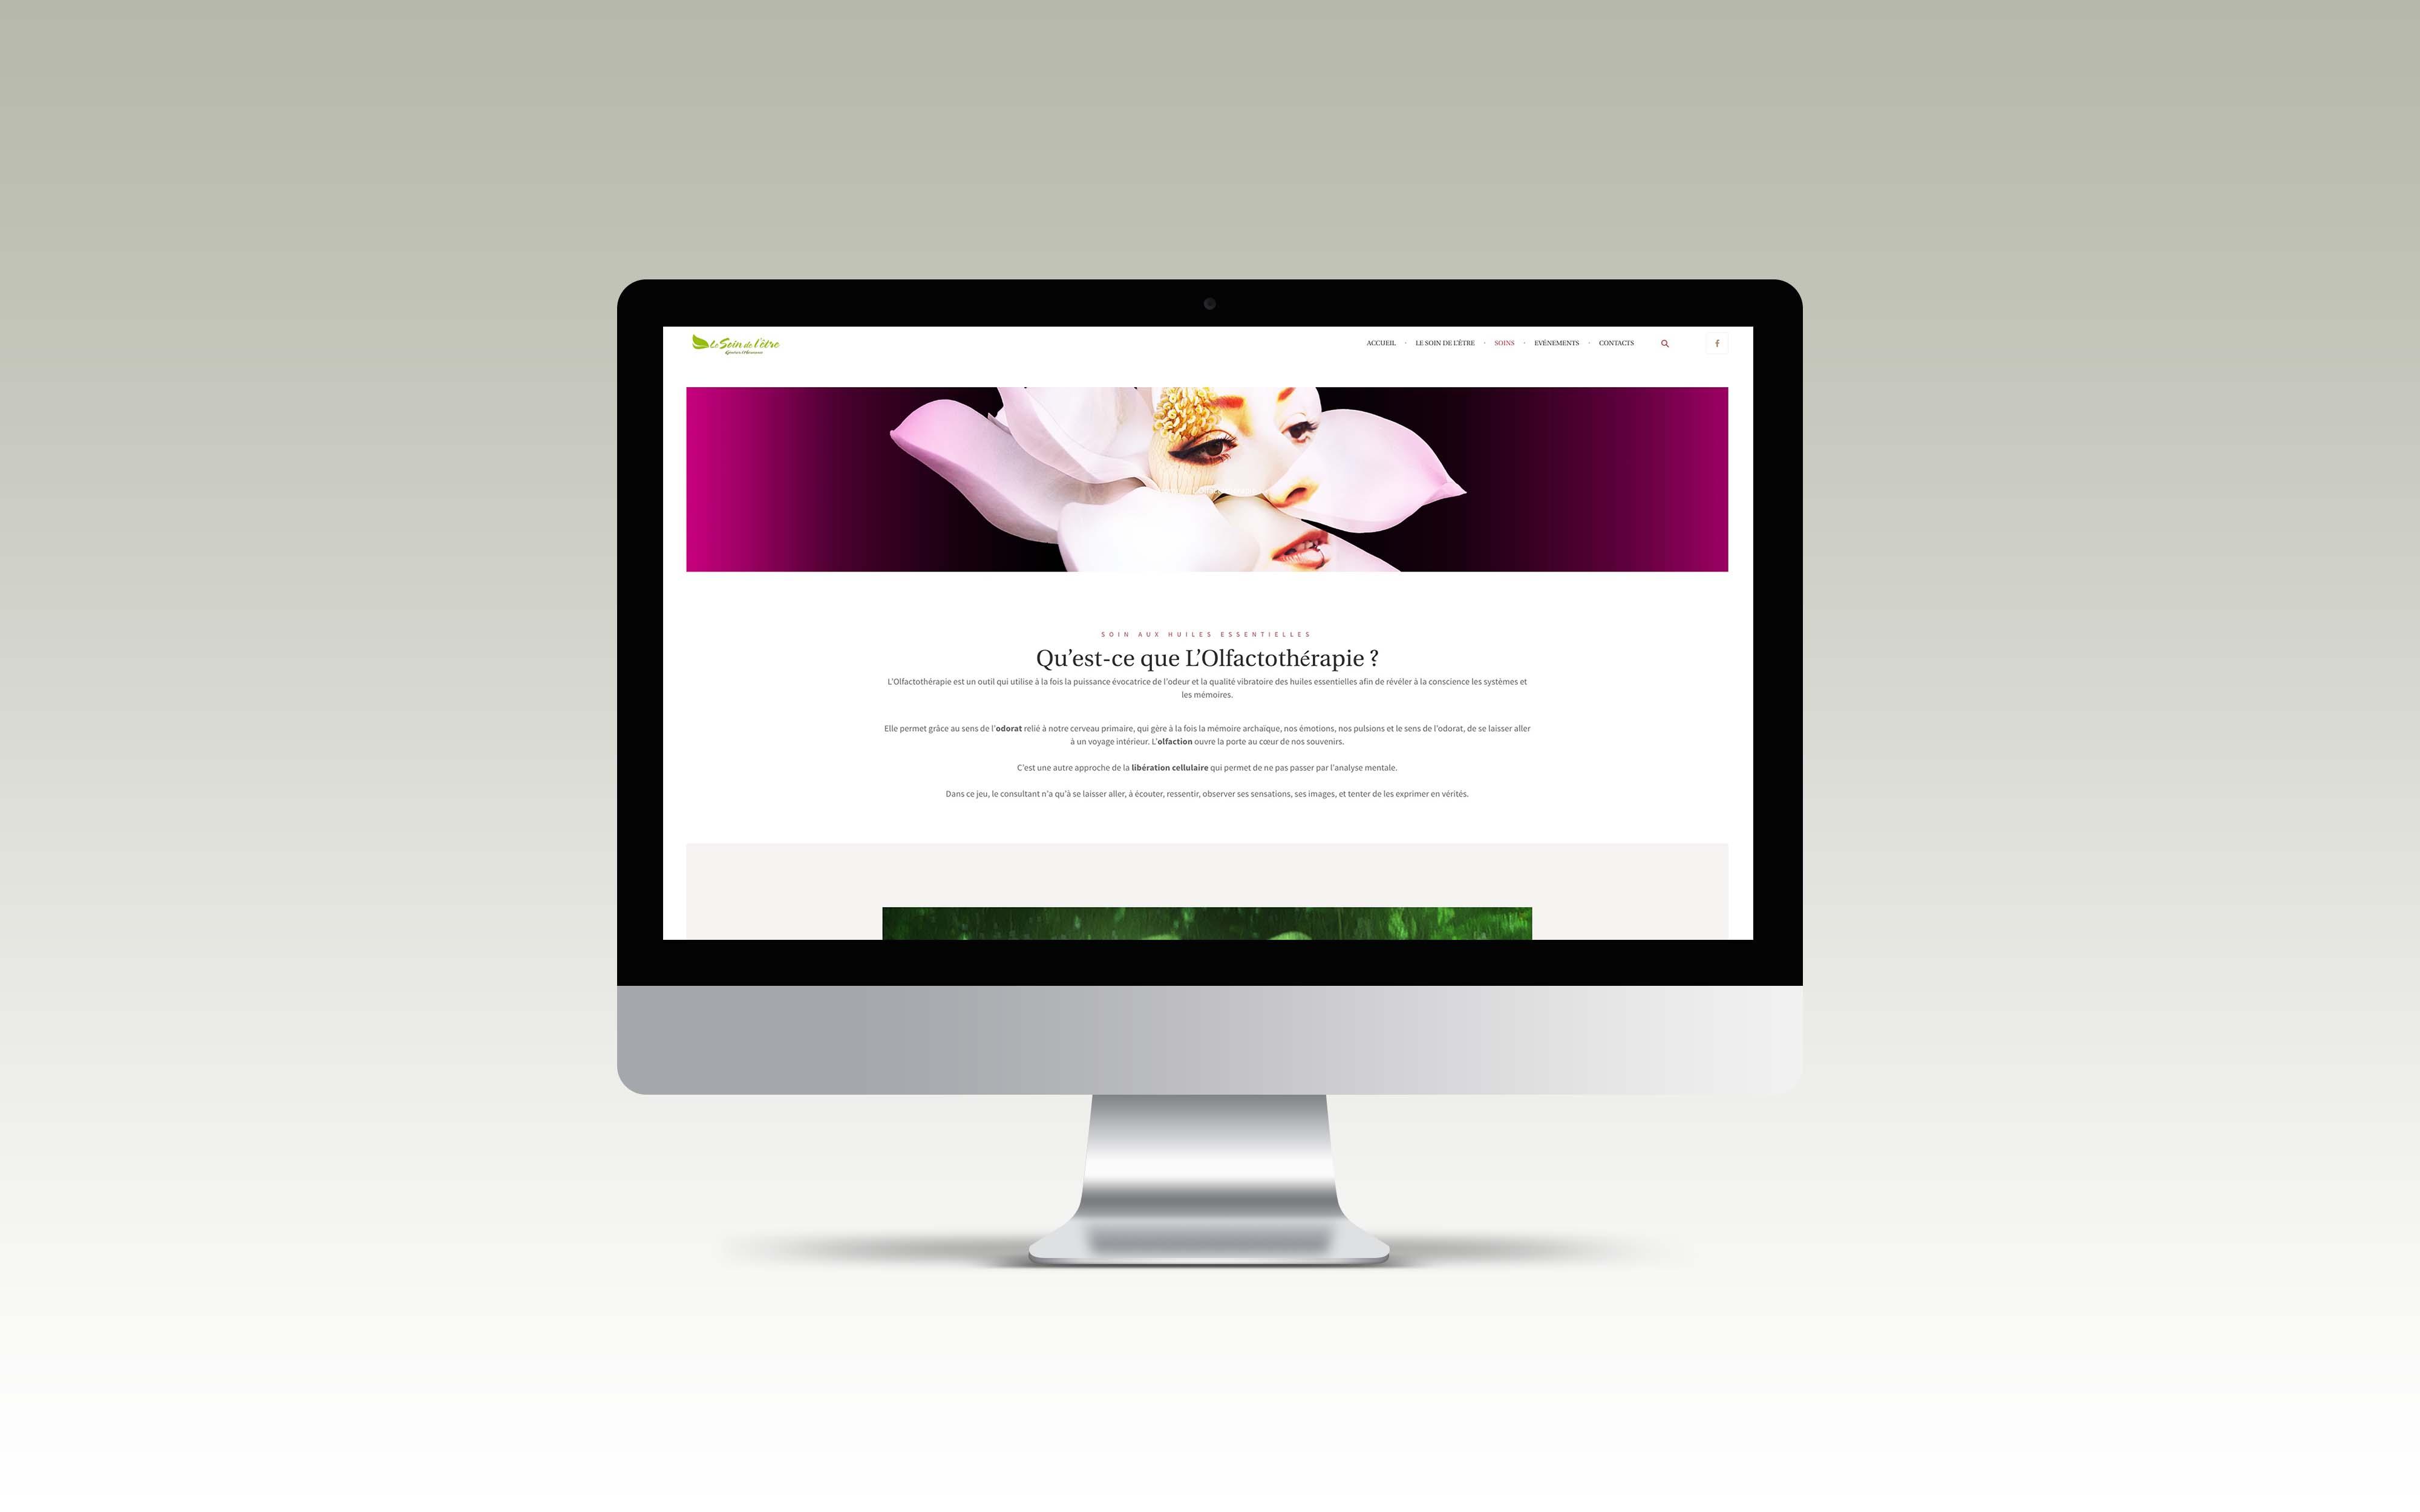 graphisme mise en page web identité graphique direction artistique wordpress